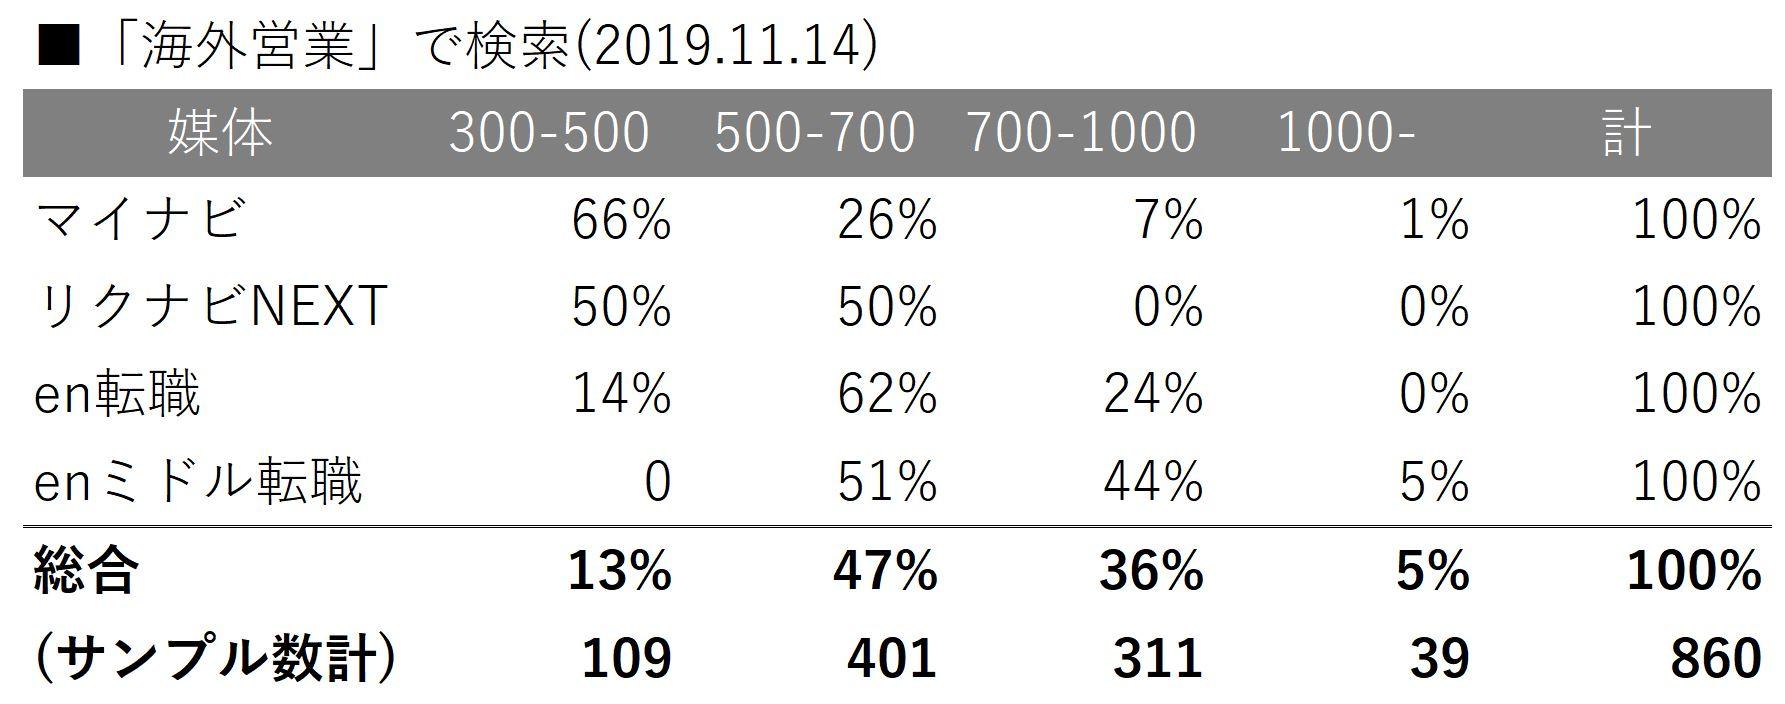 海外営業平均年収チャート